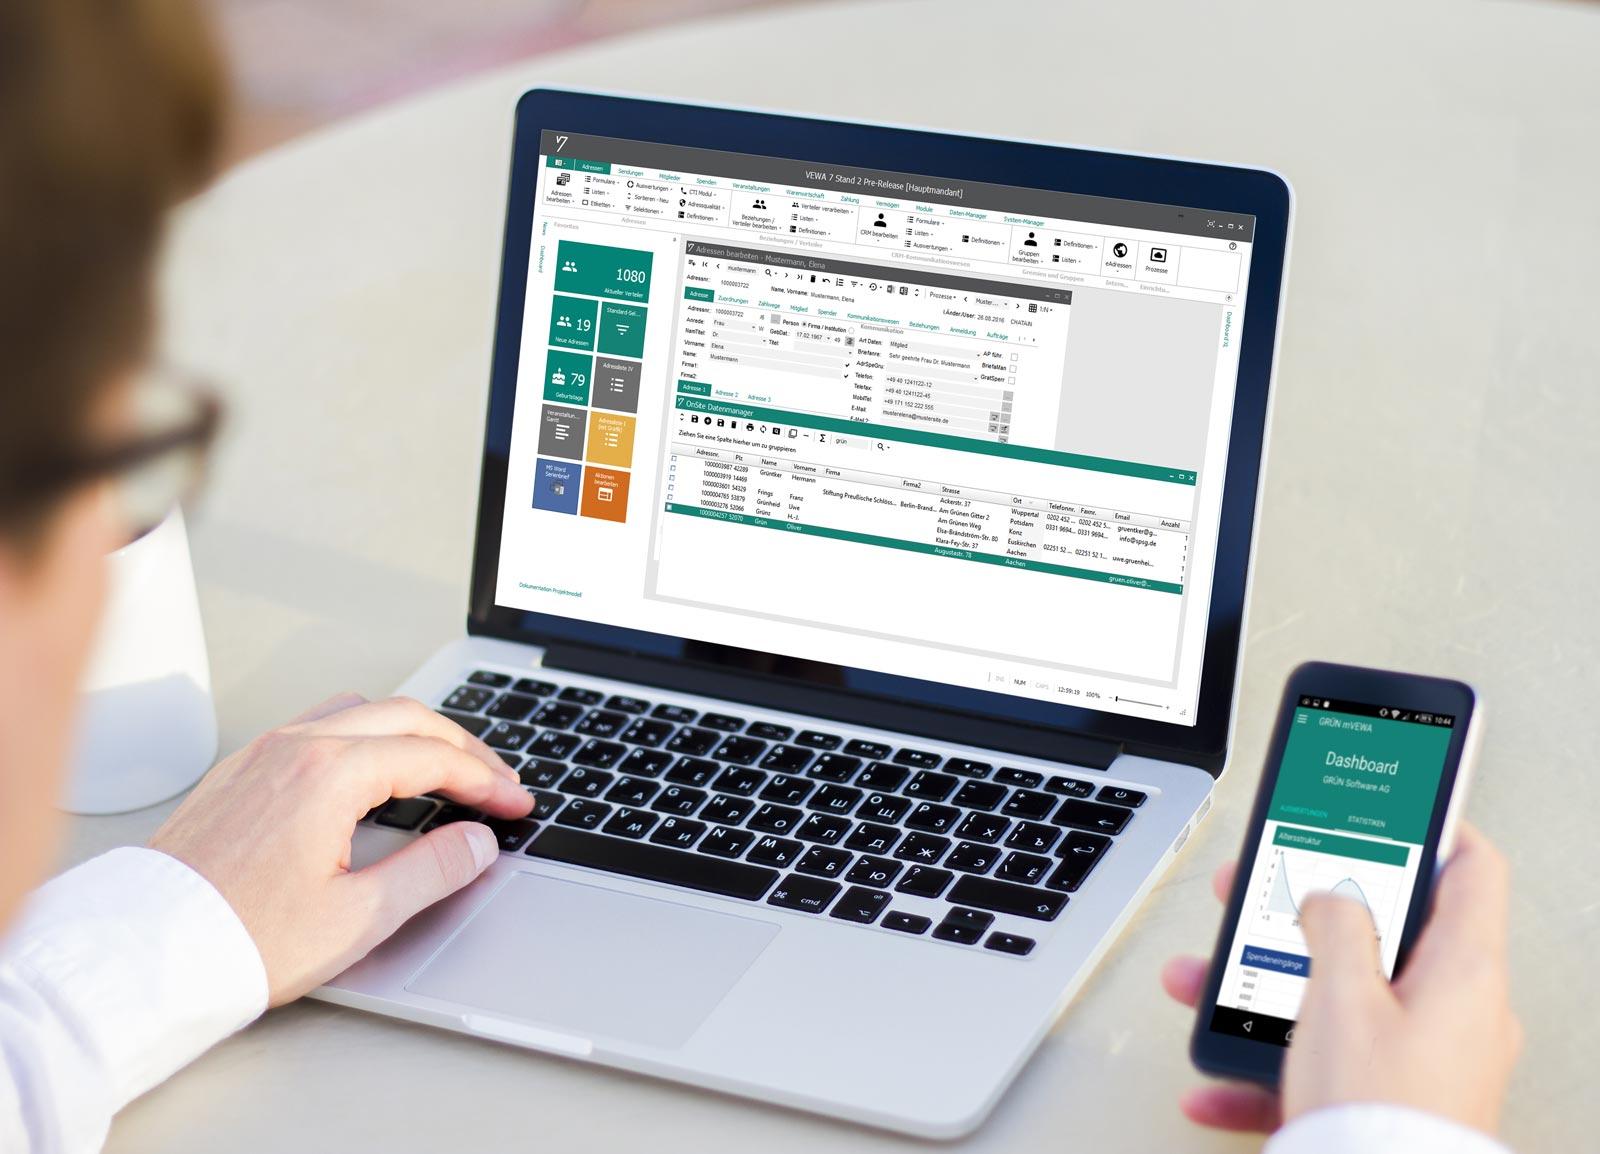 Die neue Version von GRÜN VEWA7 wurde grafisch komplett überarbeitet. Die neue native App GRÜN mVEWA erlaubt den Zugriff auf die wichtigsten Daten über mobile Endgeräte.